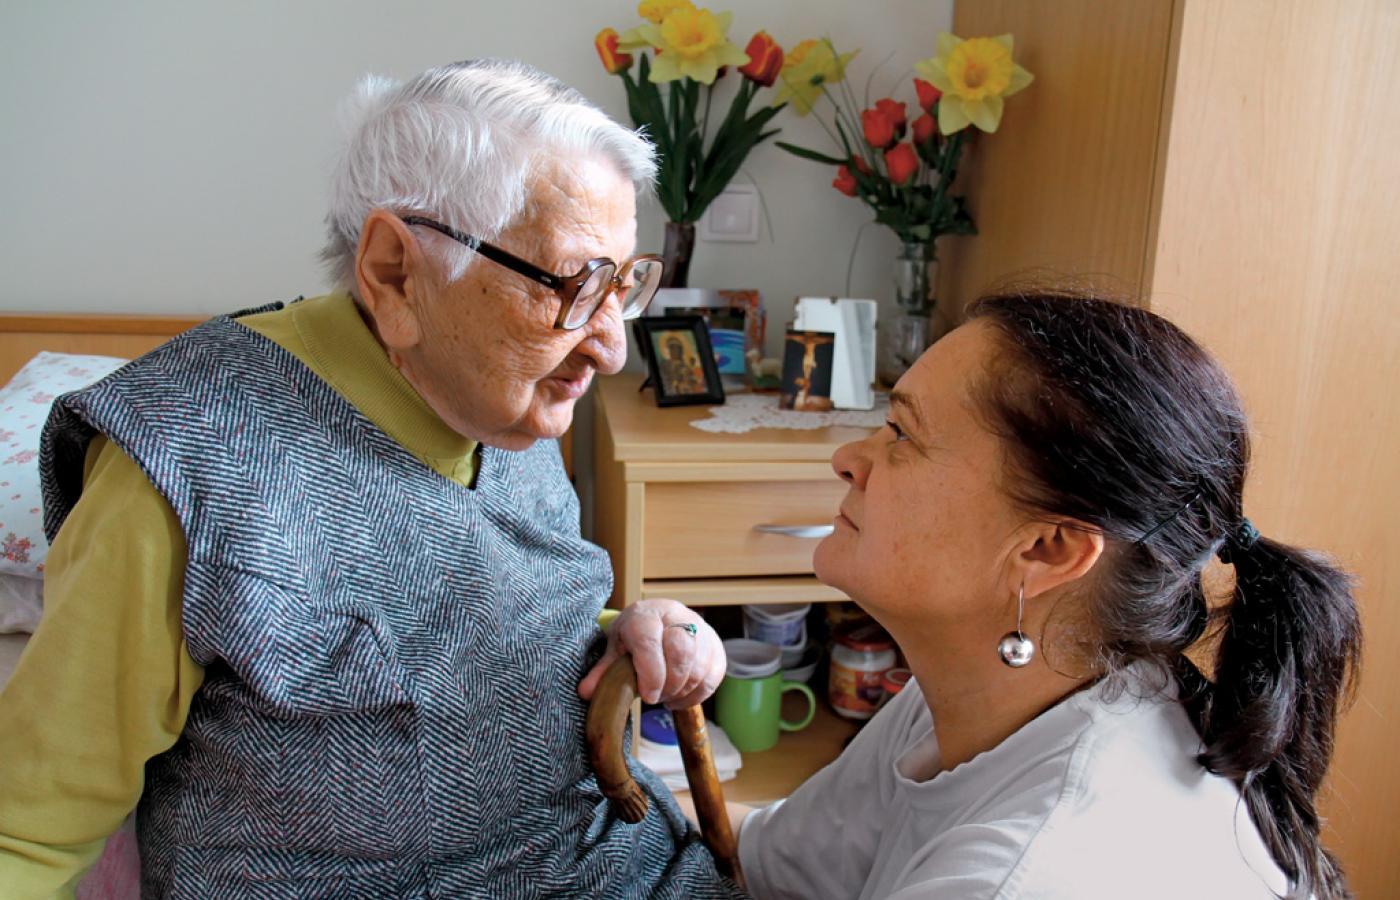 randki seniorów powyżej 70 lat czego nie powiedzieć w pierwszej wiadomości randki online